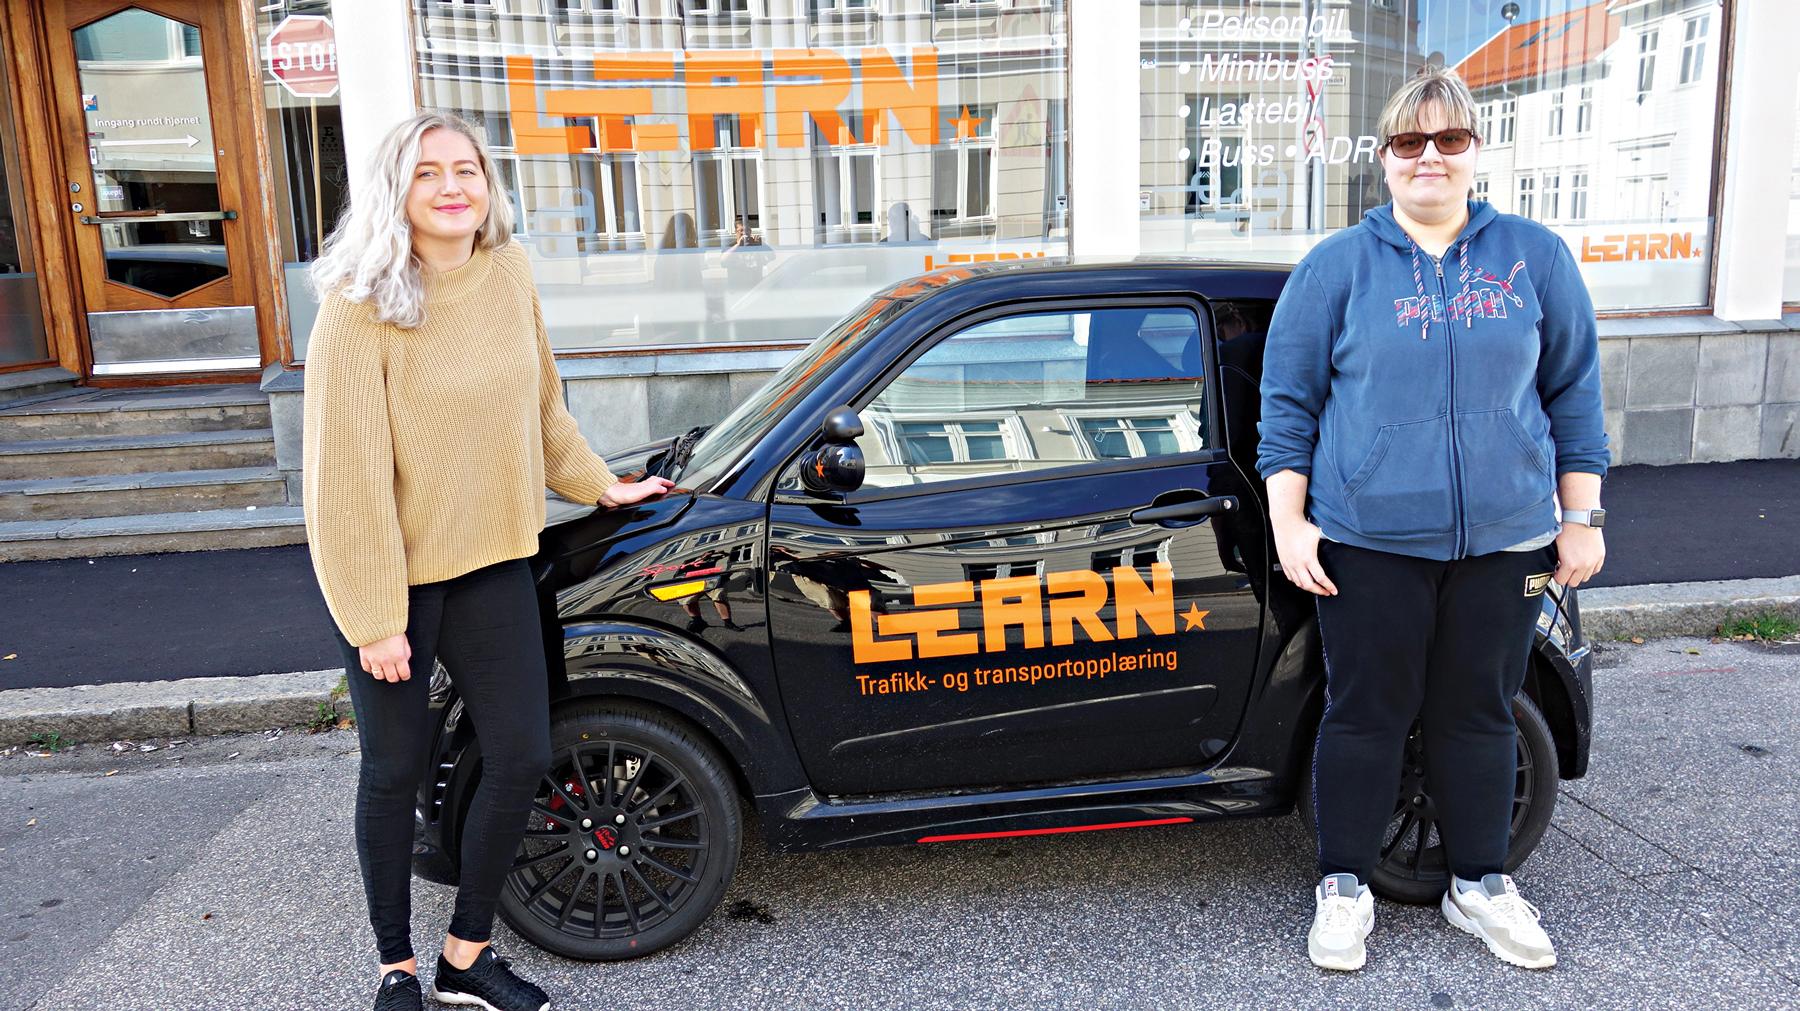 Nå Kan 16-åringer Ta Lappen På Mopedbil I Kristiansand